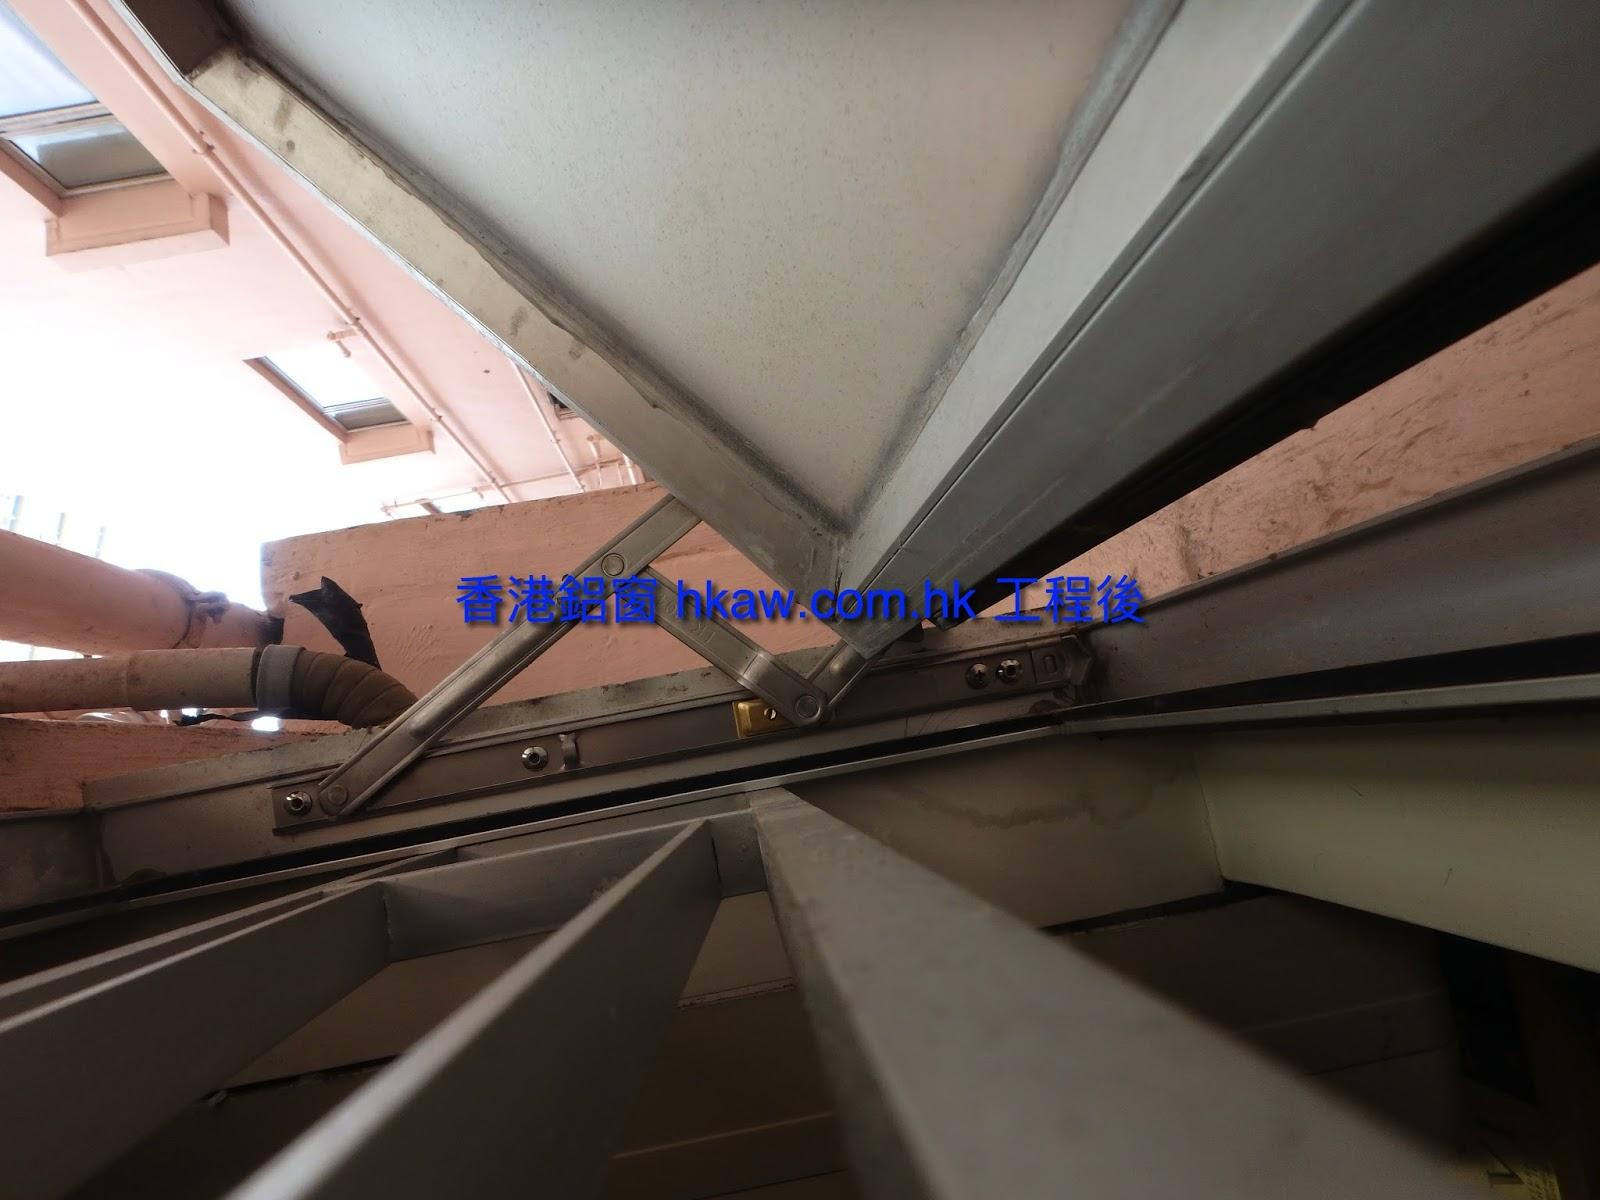 驗窗 鋁窗 鋁窗維修 鋁窗工程 香港鋁窗工程有限公司: 筲箕灣 鋁窗維修 更換鋁窗窗鉸 優質304不銹鋼窗鉸